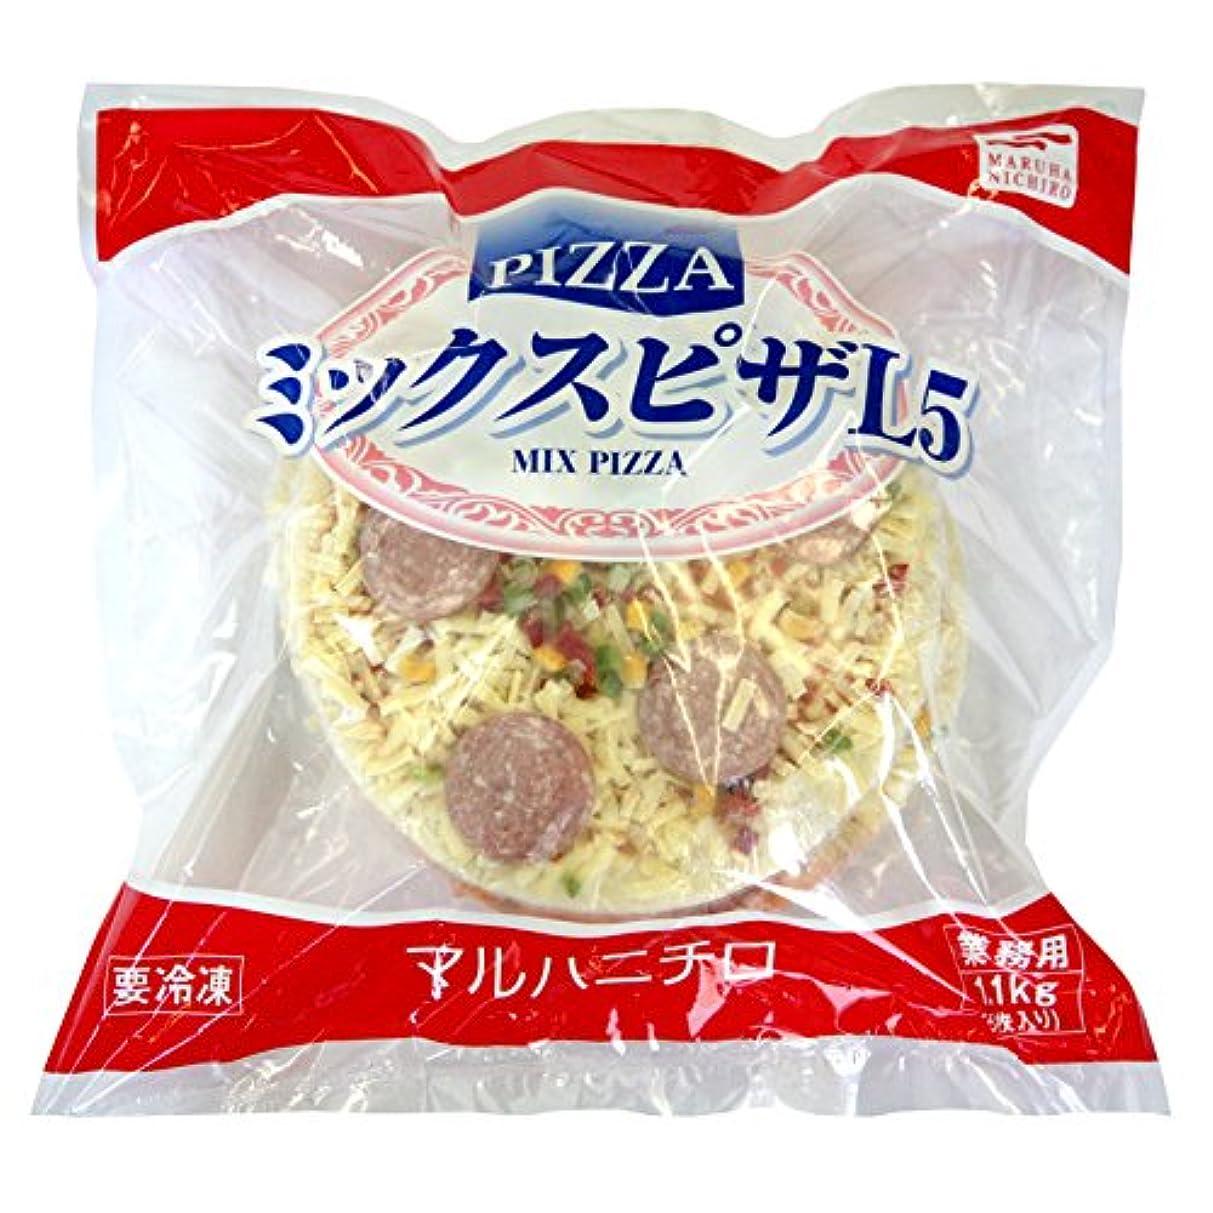 エンドテーブルアソシエイト代替案【冷凍】 業務用 マルハニチロ ミックス ピザ 5枚入り (1.1kg) 冷凍 ピッツァ